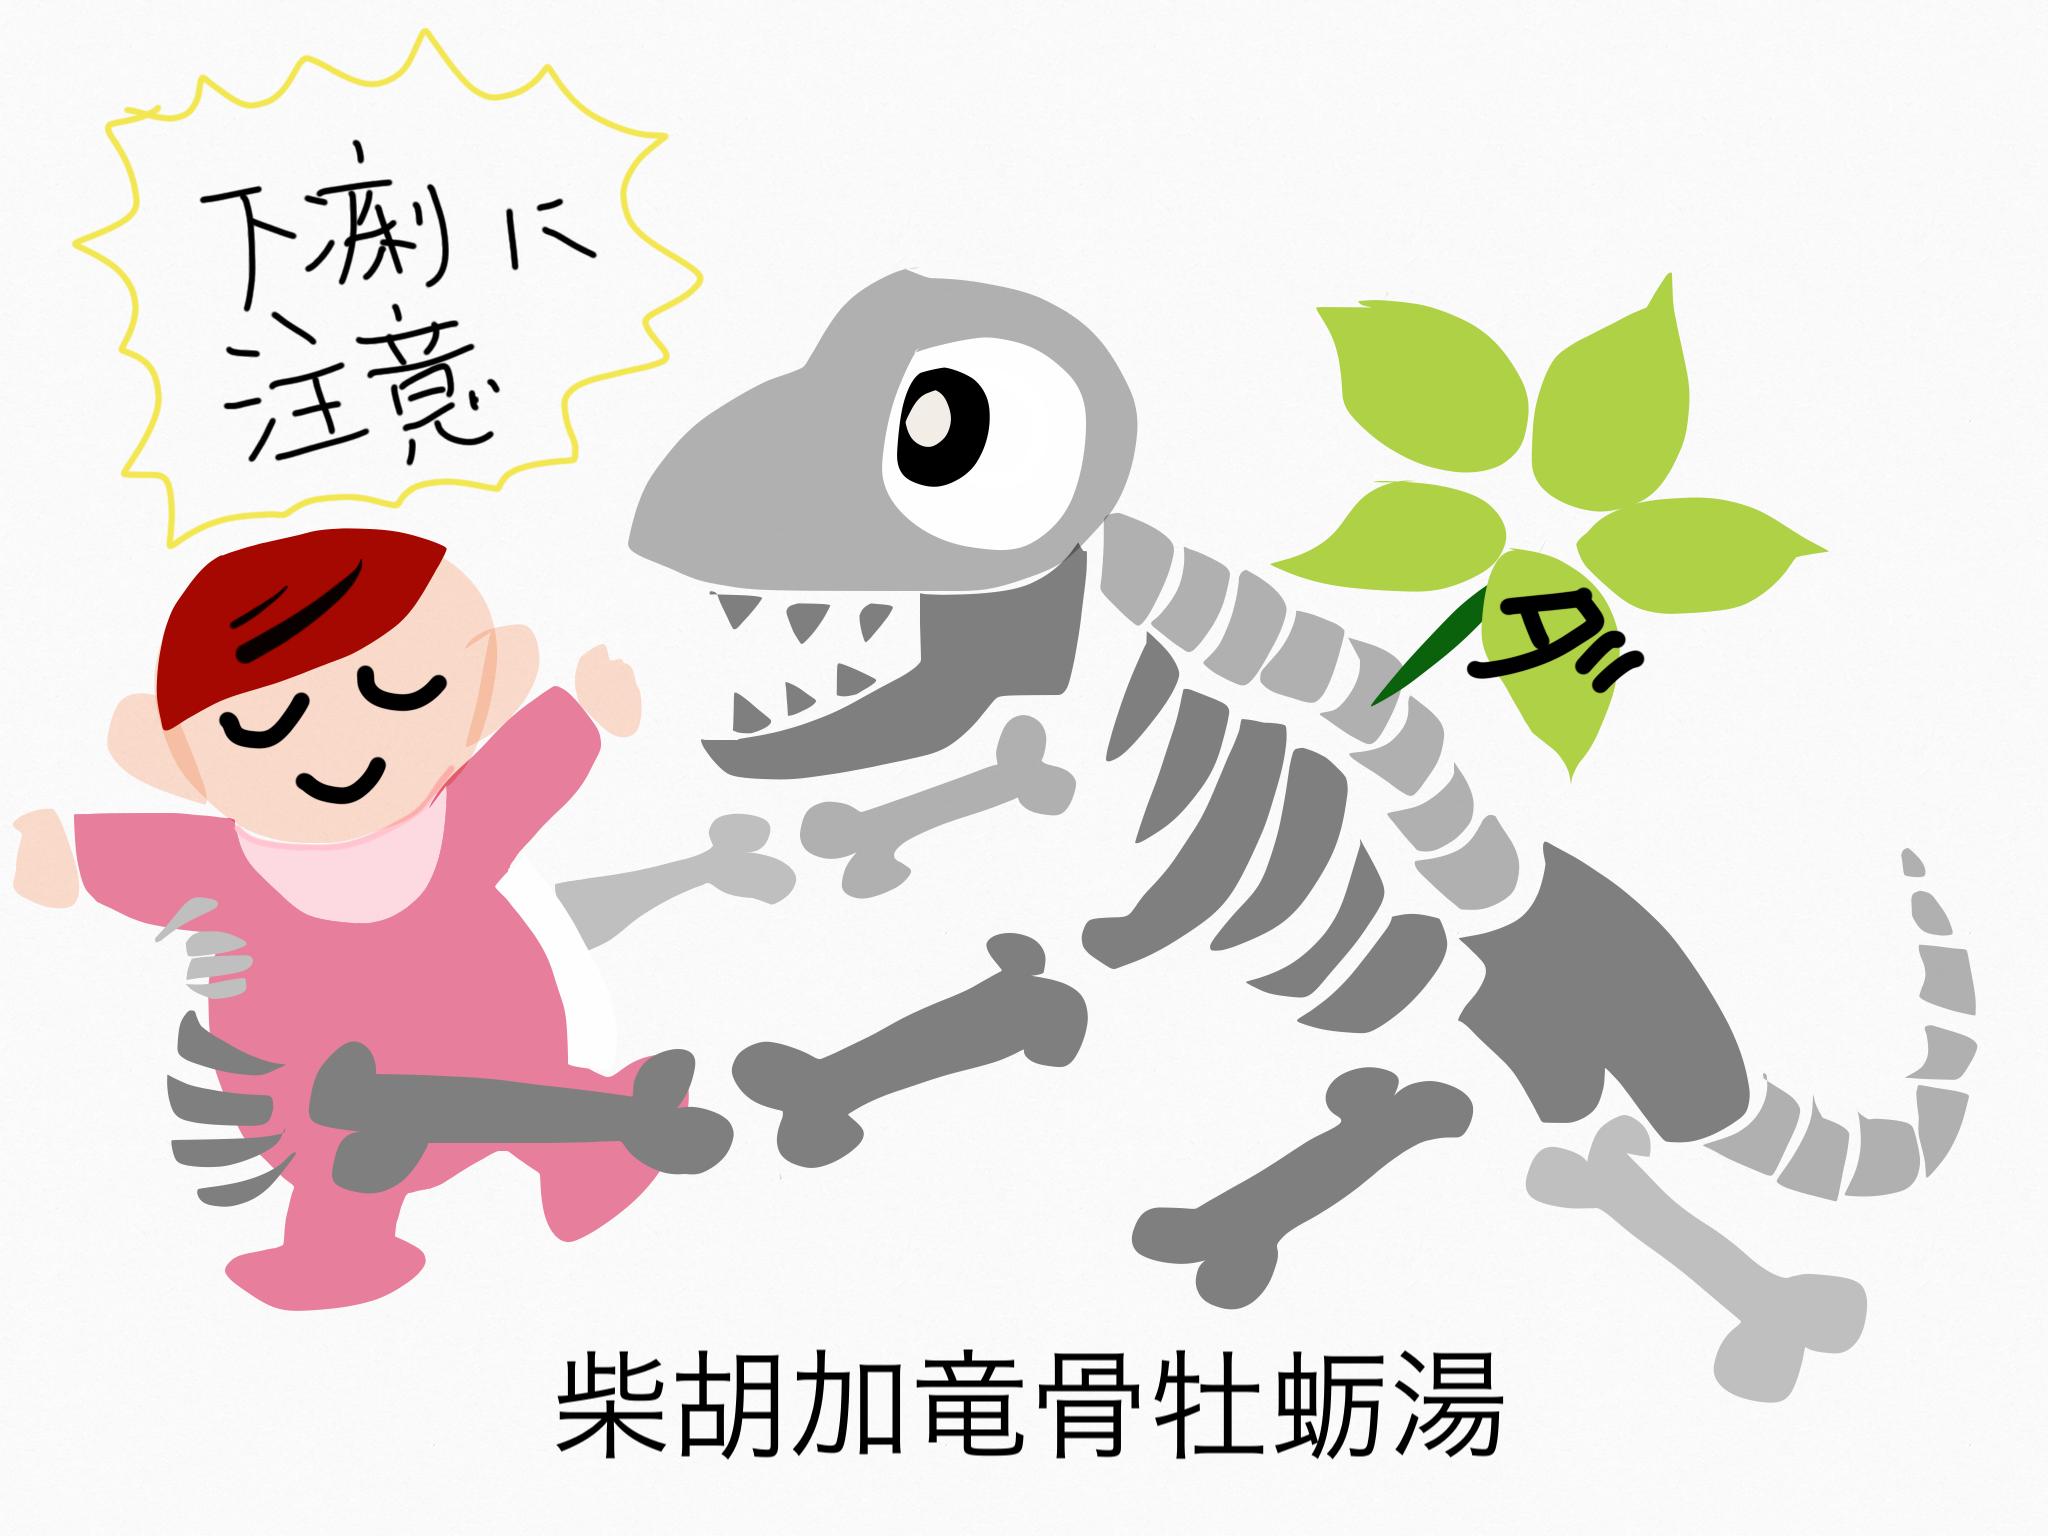 柴胡加竜骨牡蛎湯(さいこかりゅうこつぼれいとう)[神経症・便秘]【漢方の覚え方】